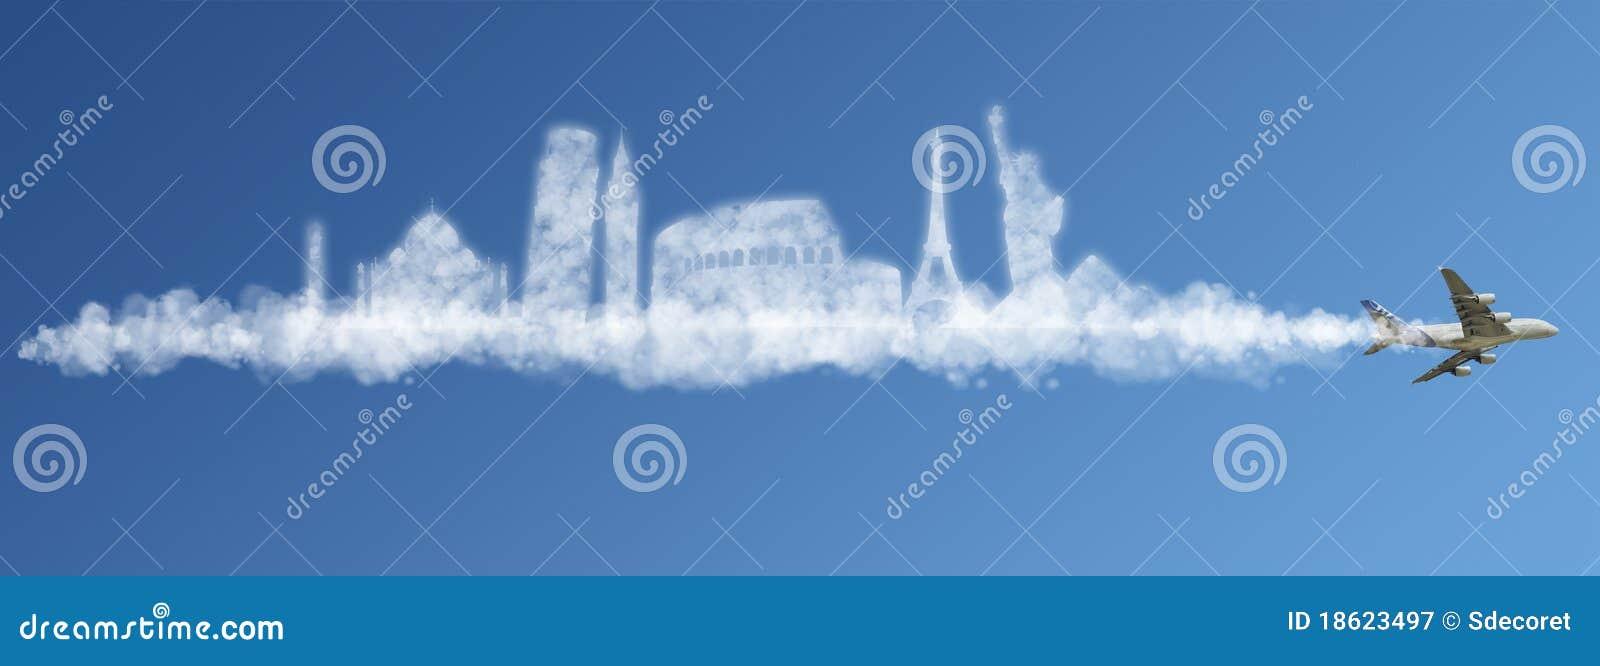 Viaggia il concetto della nube del mondo